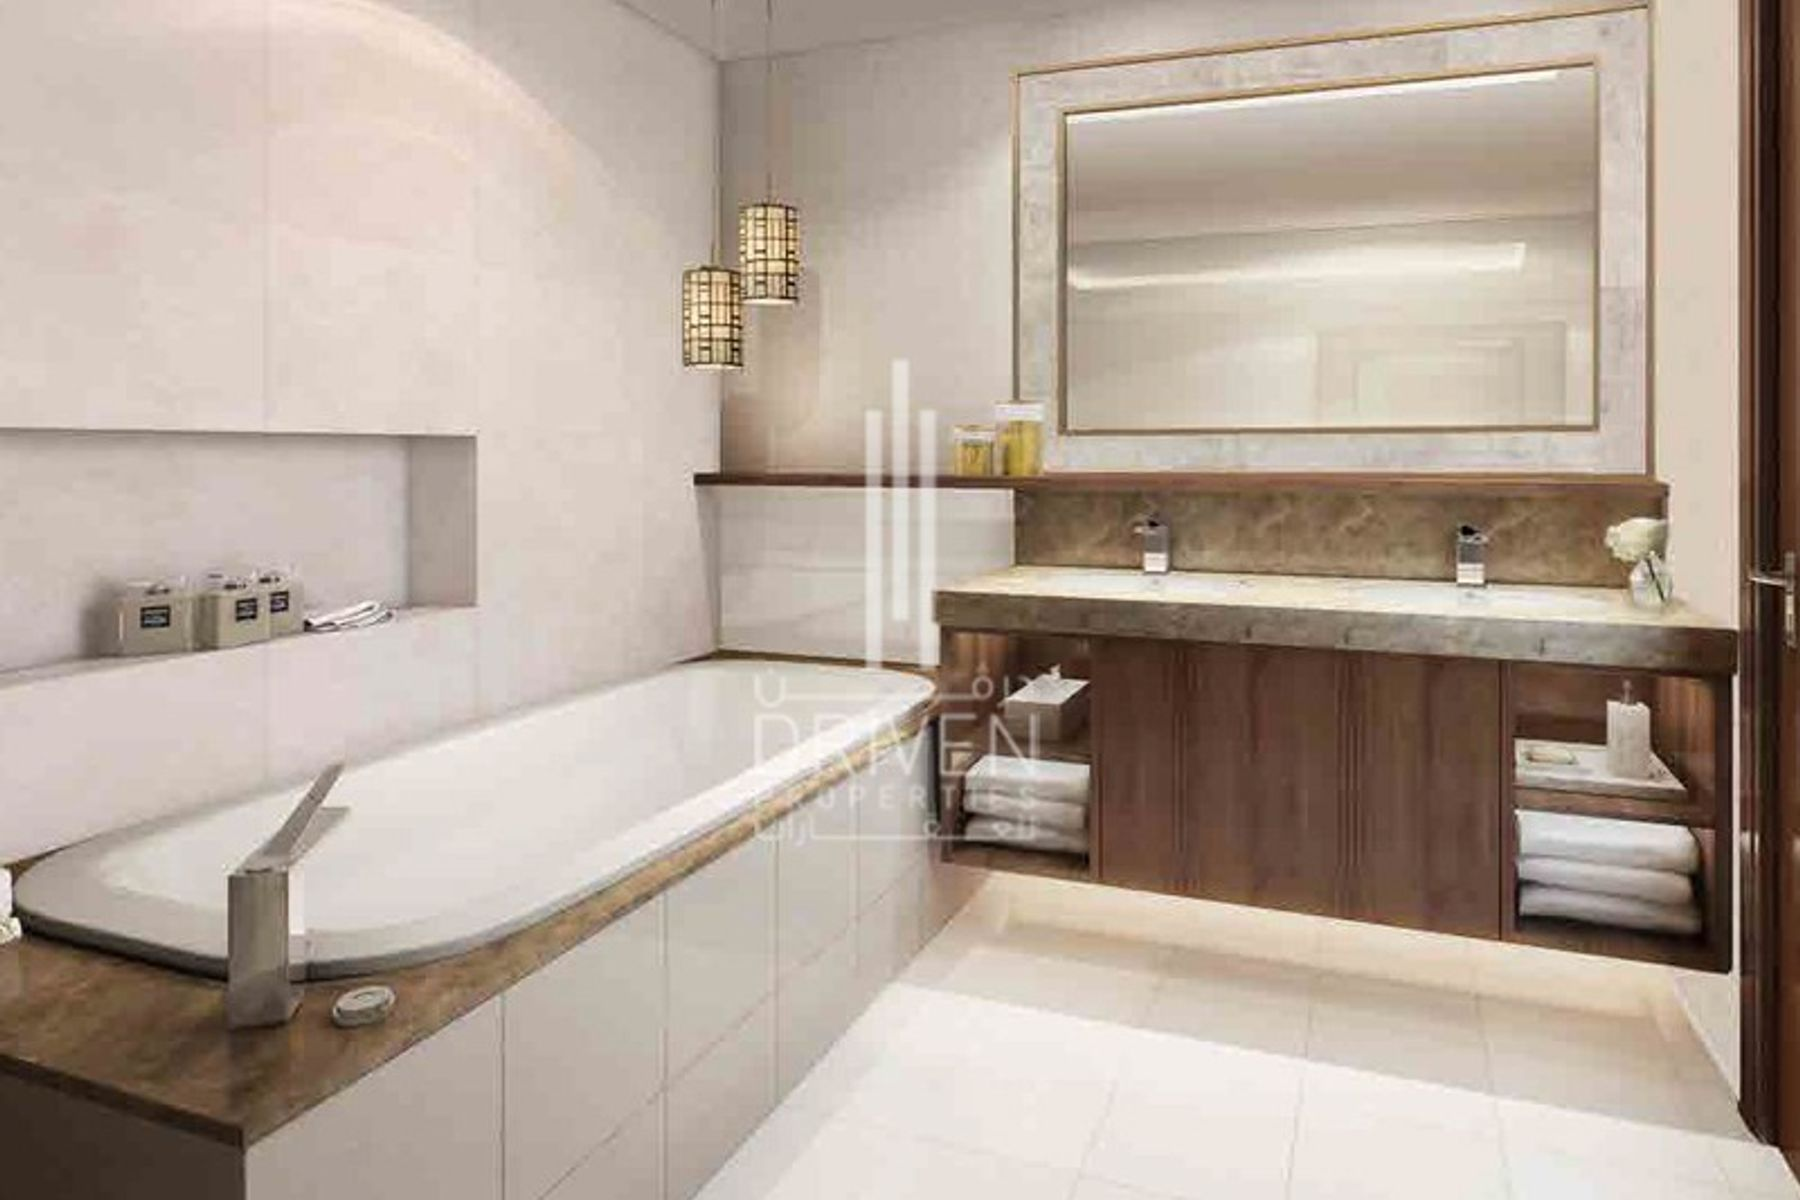 Full floor Residential for Sale in Boulevard Point - Downtown Dubai